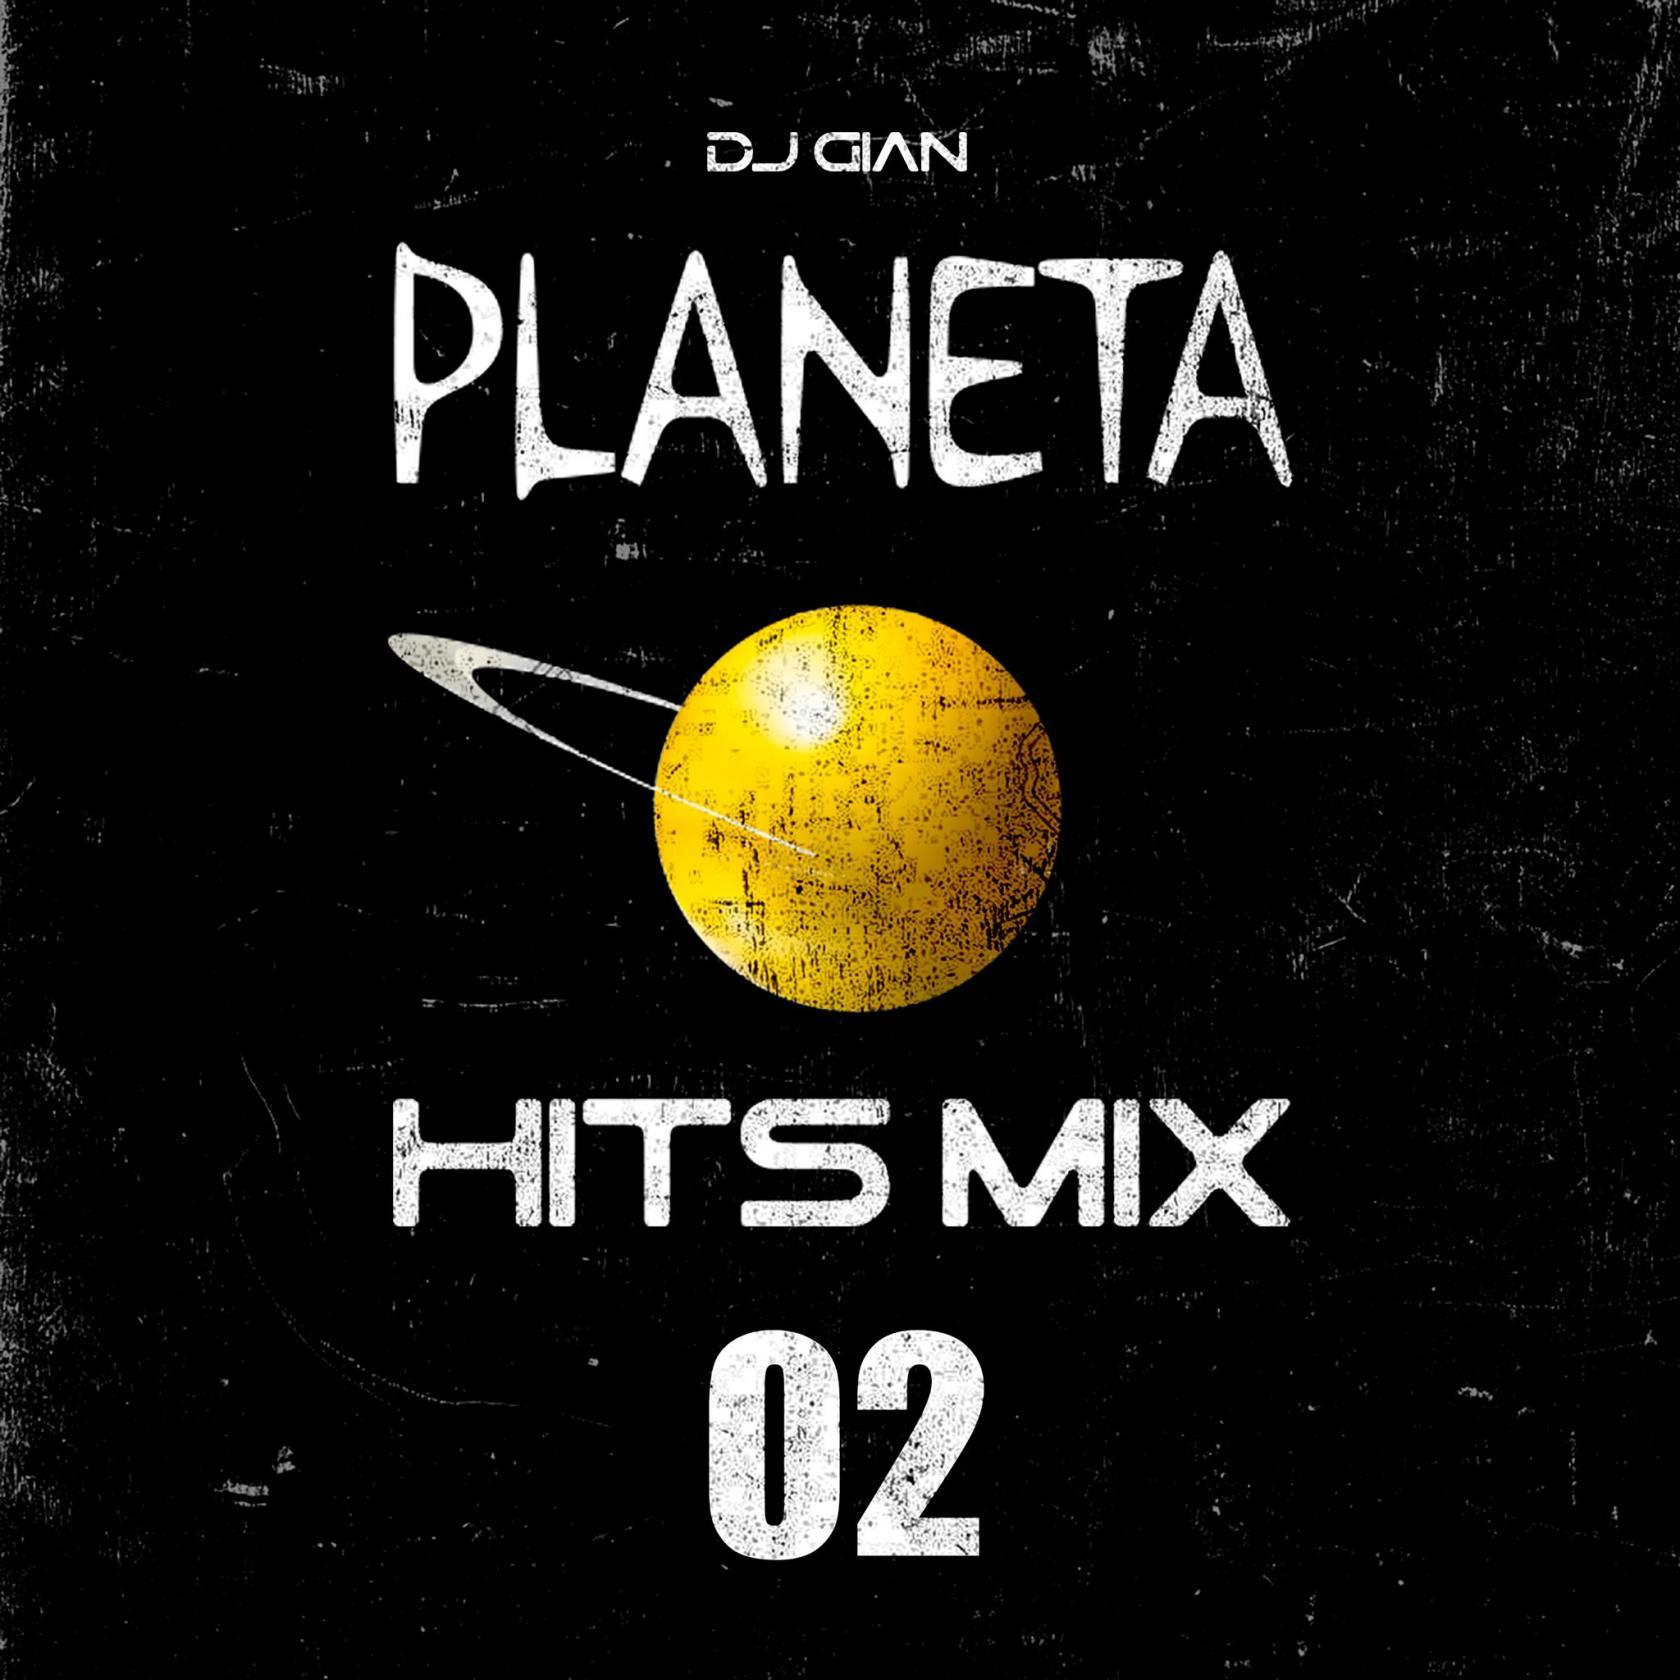 Planeta Hits Mix 2